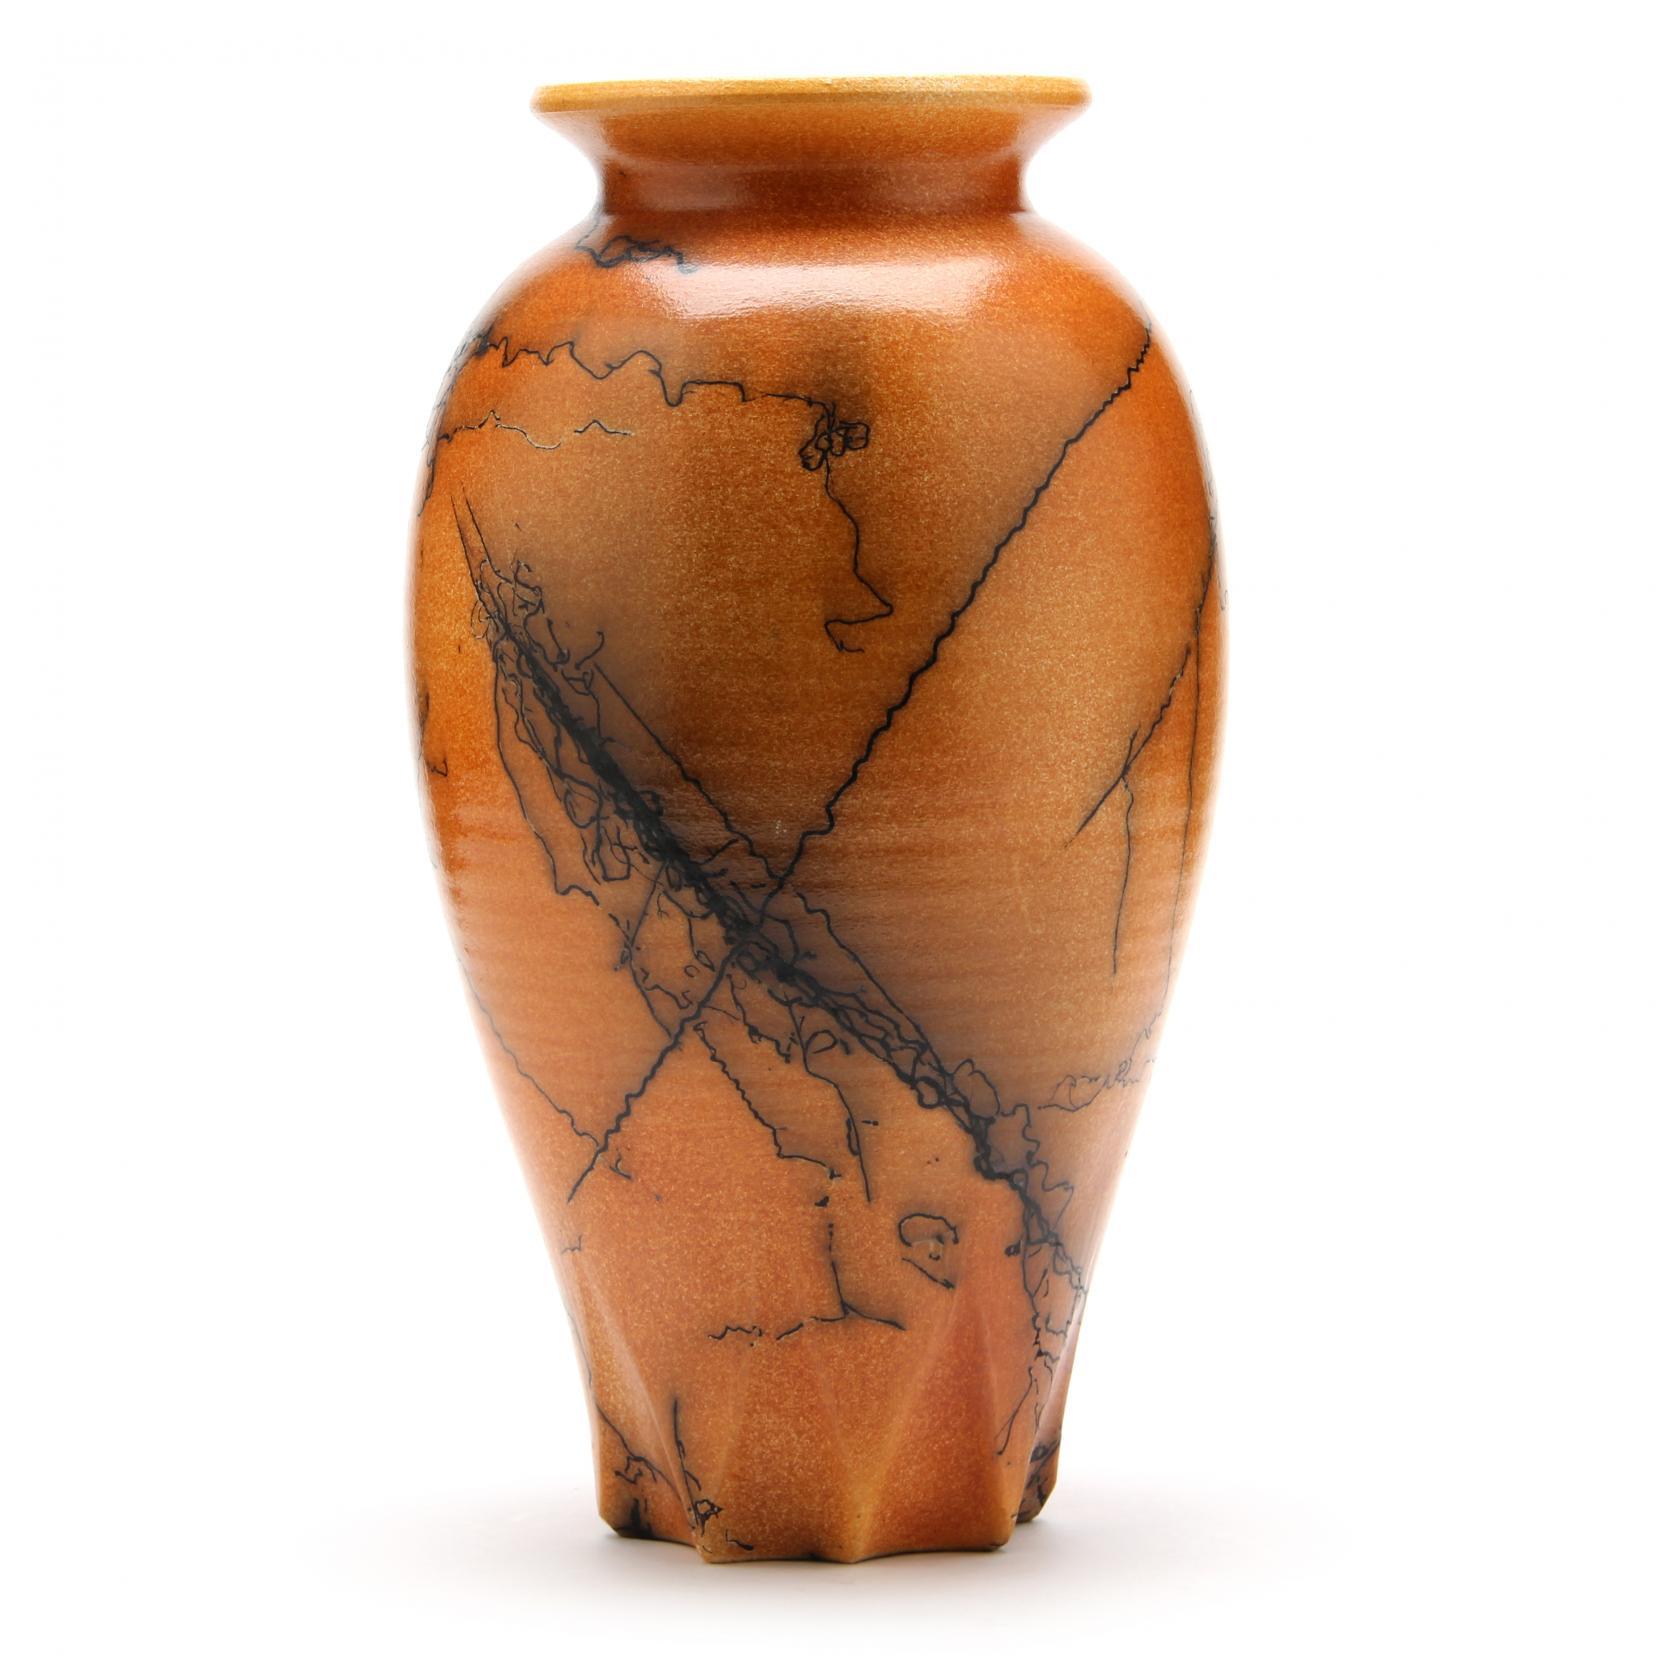 nc-pottery-jim-garner-horsehair-vase